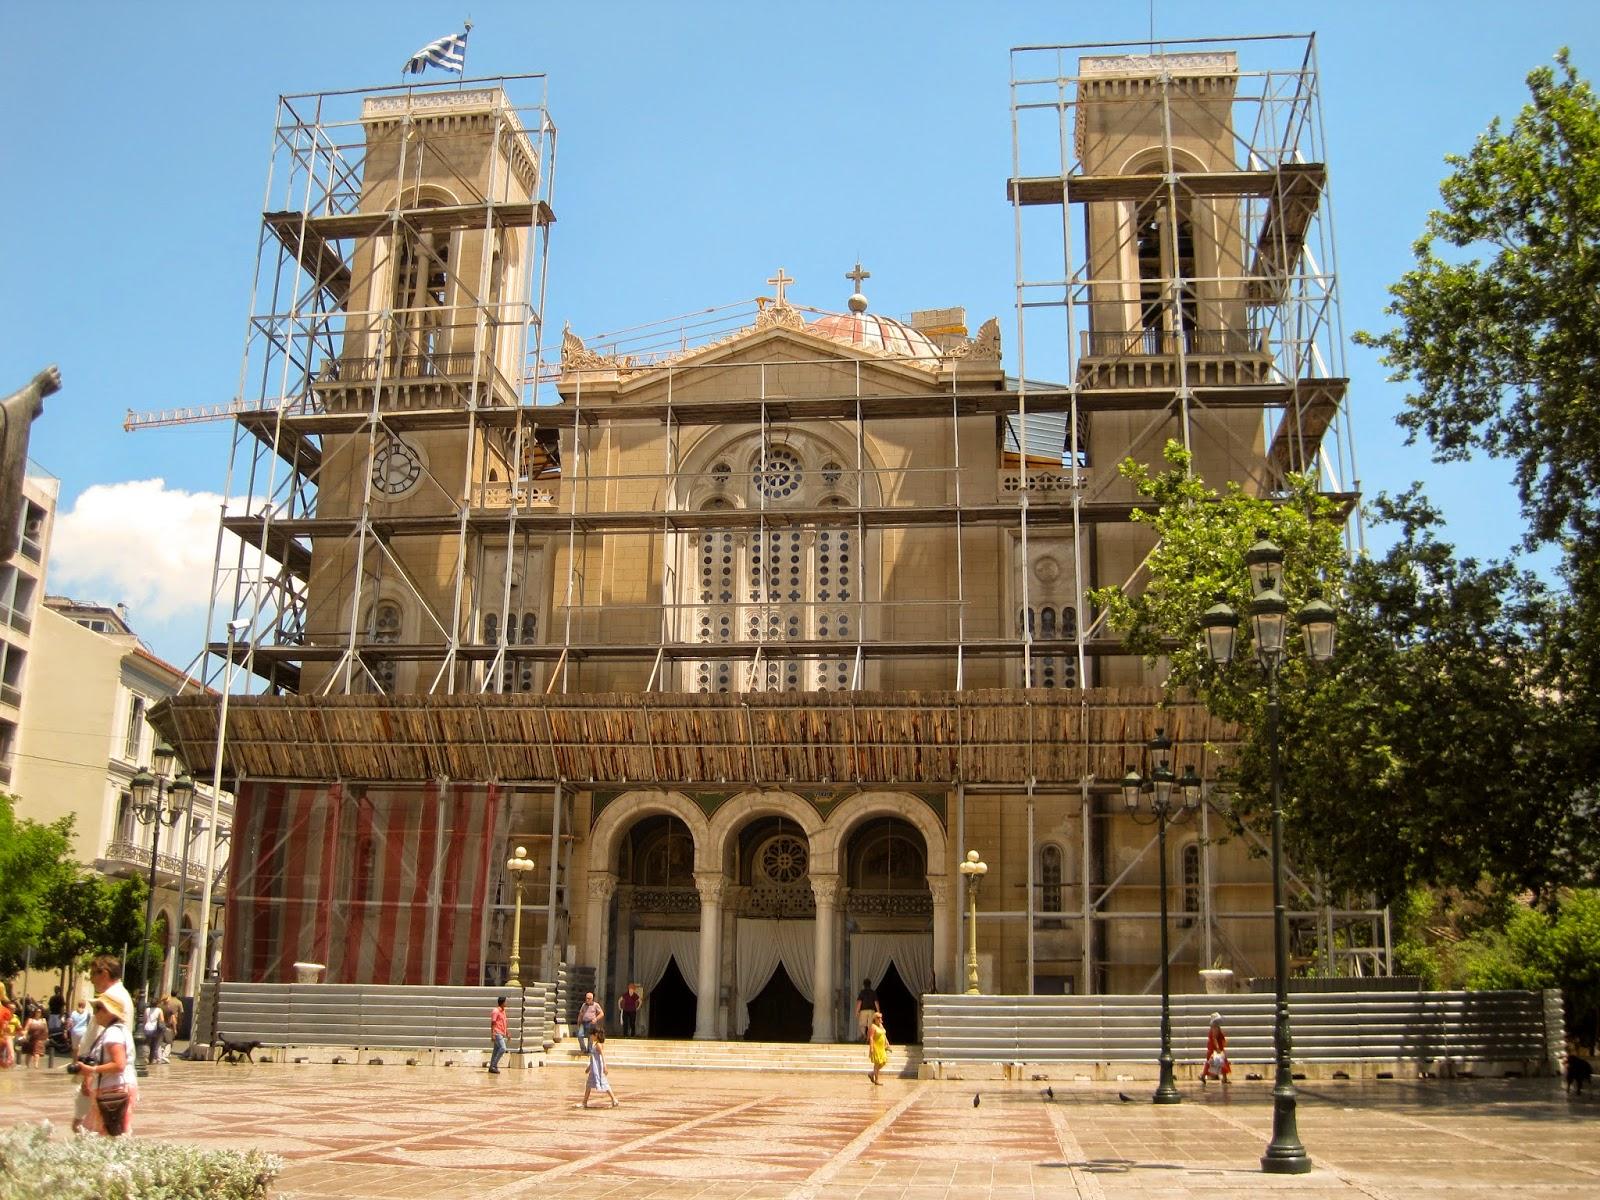 La Catedral Metropolitana de la Anunciación de Atenas